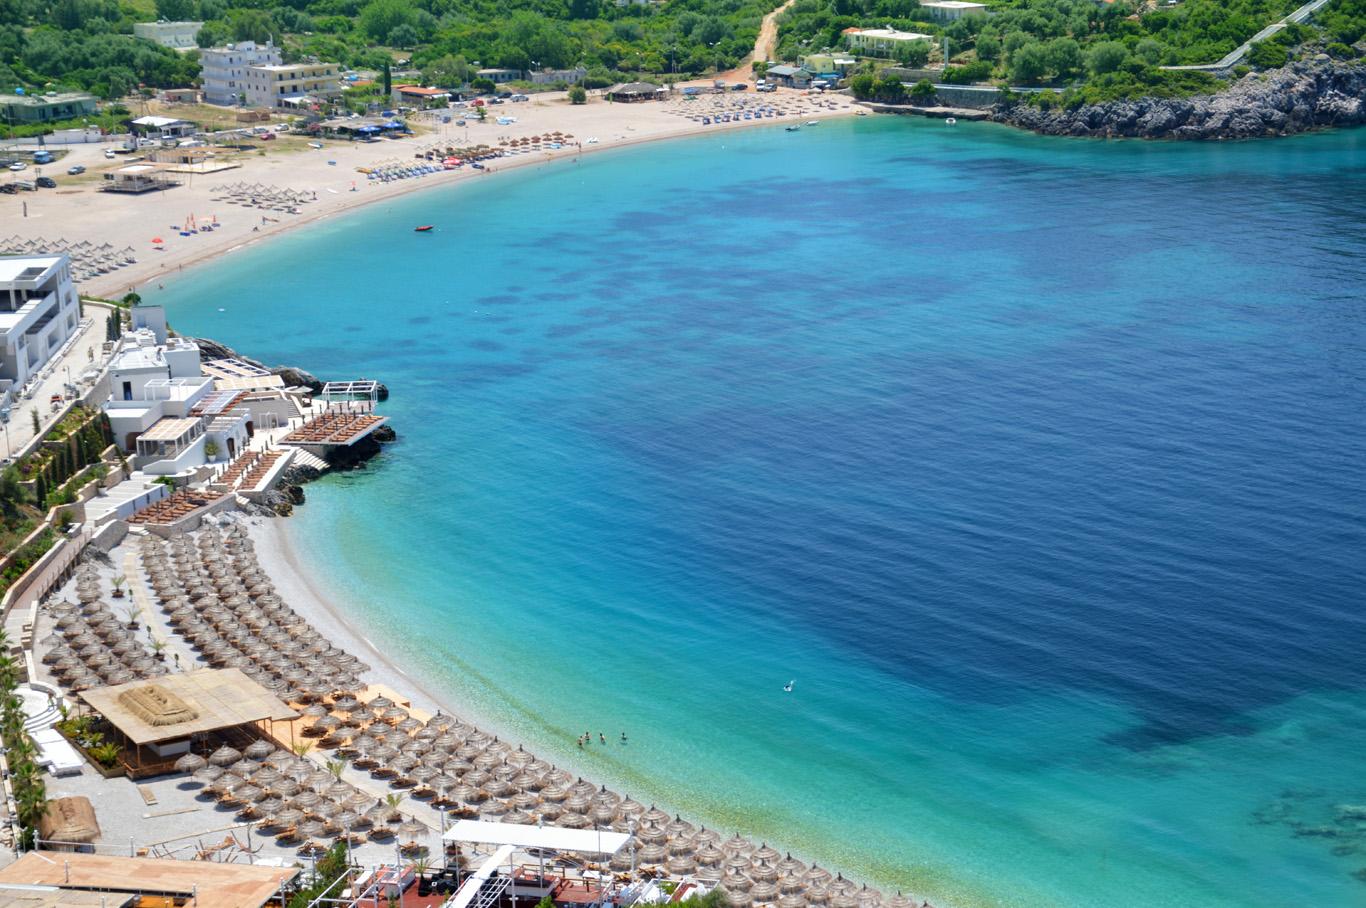 Jala beach